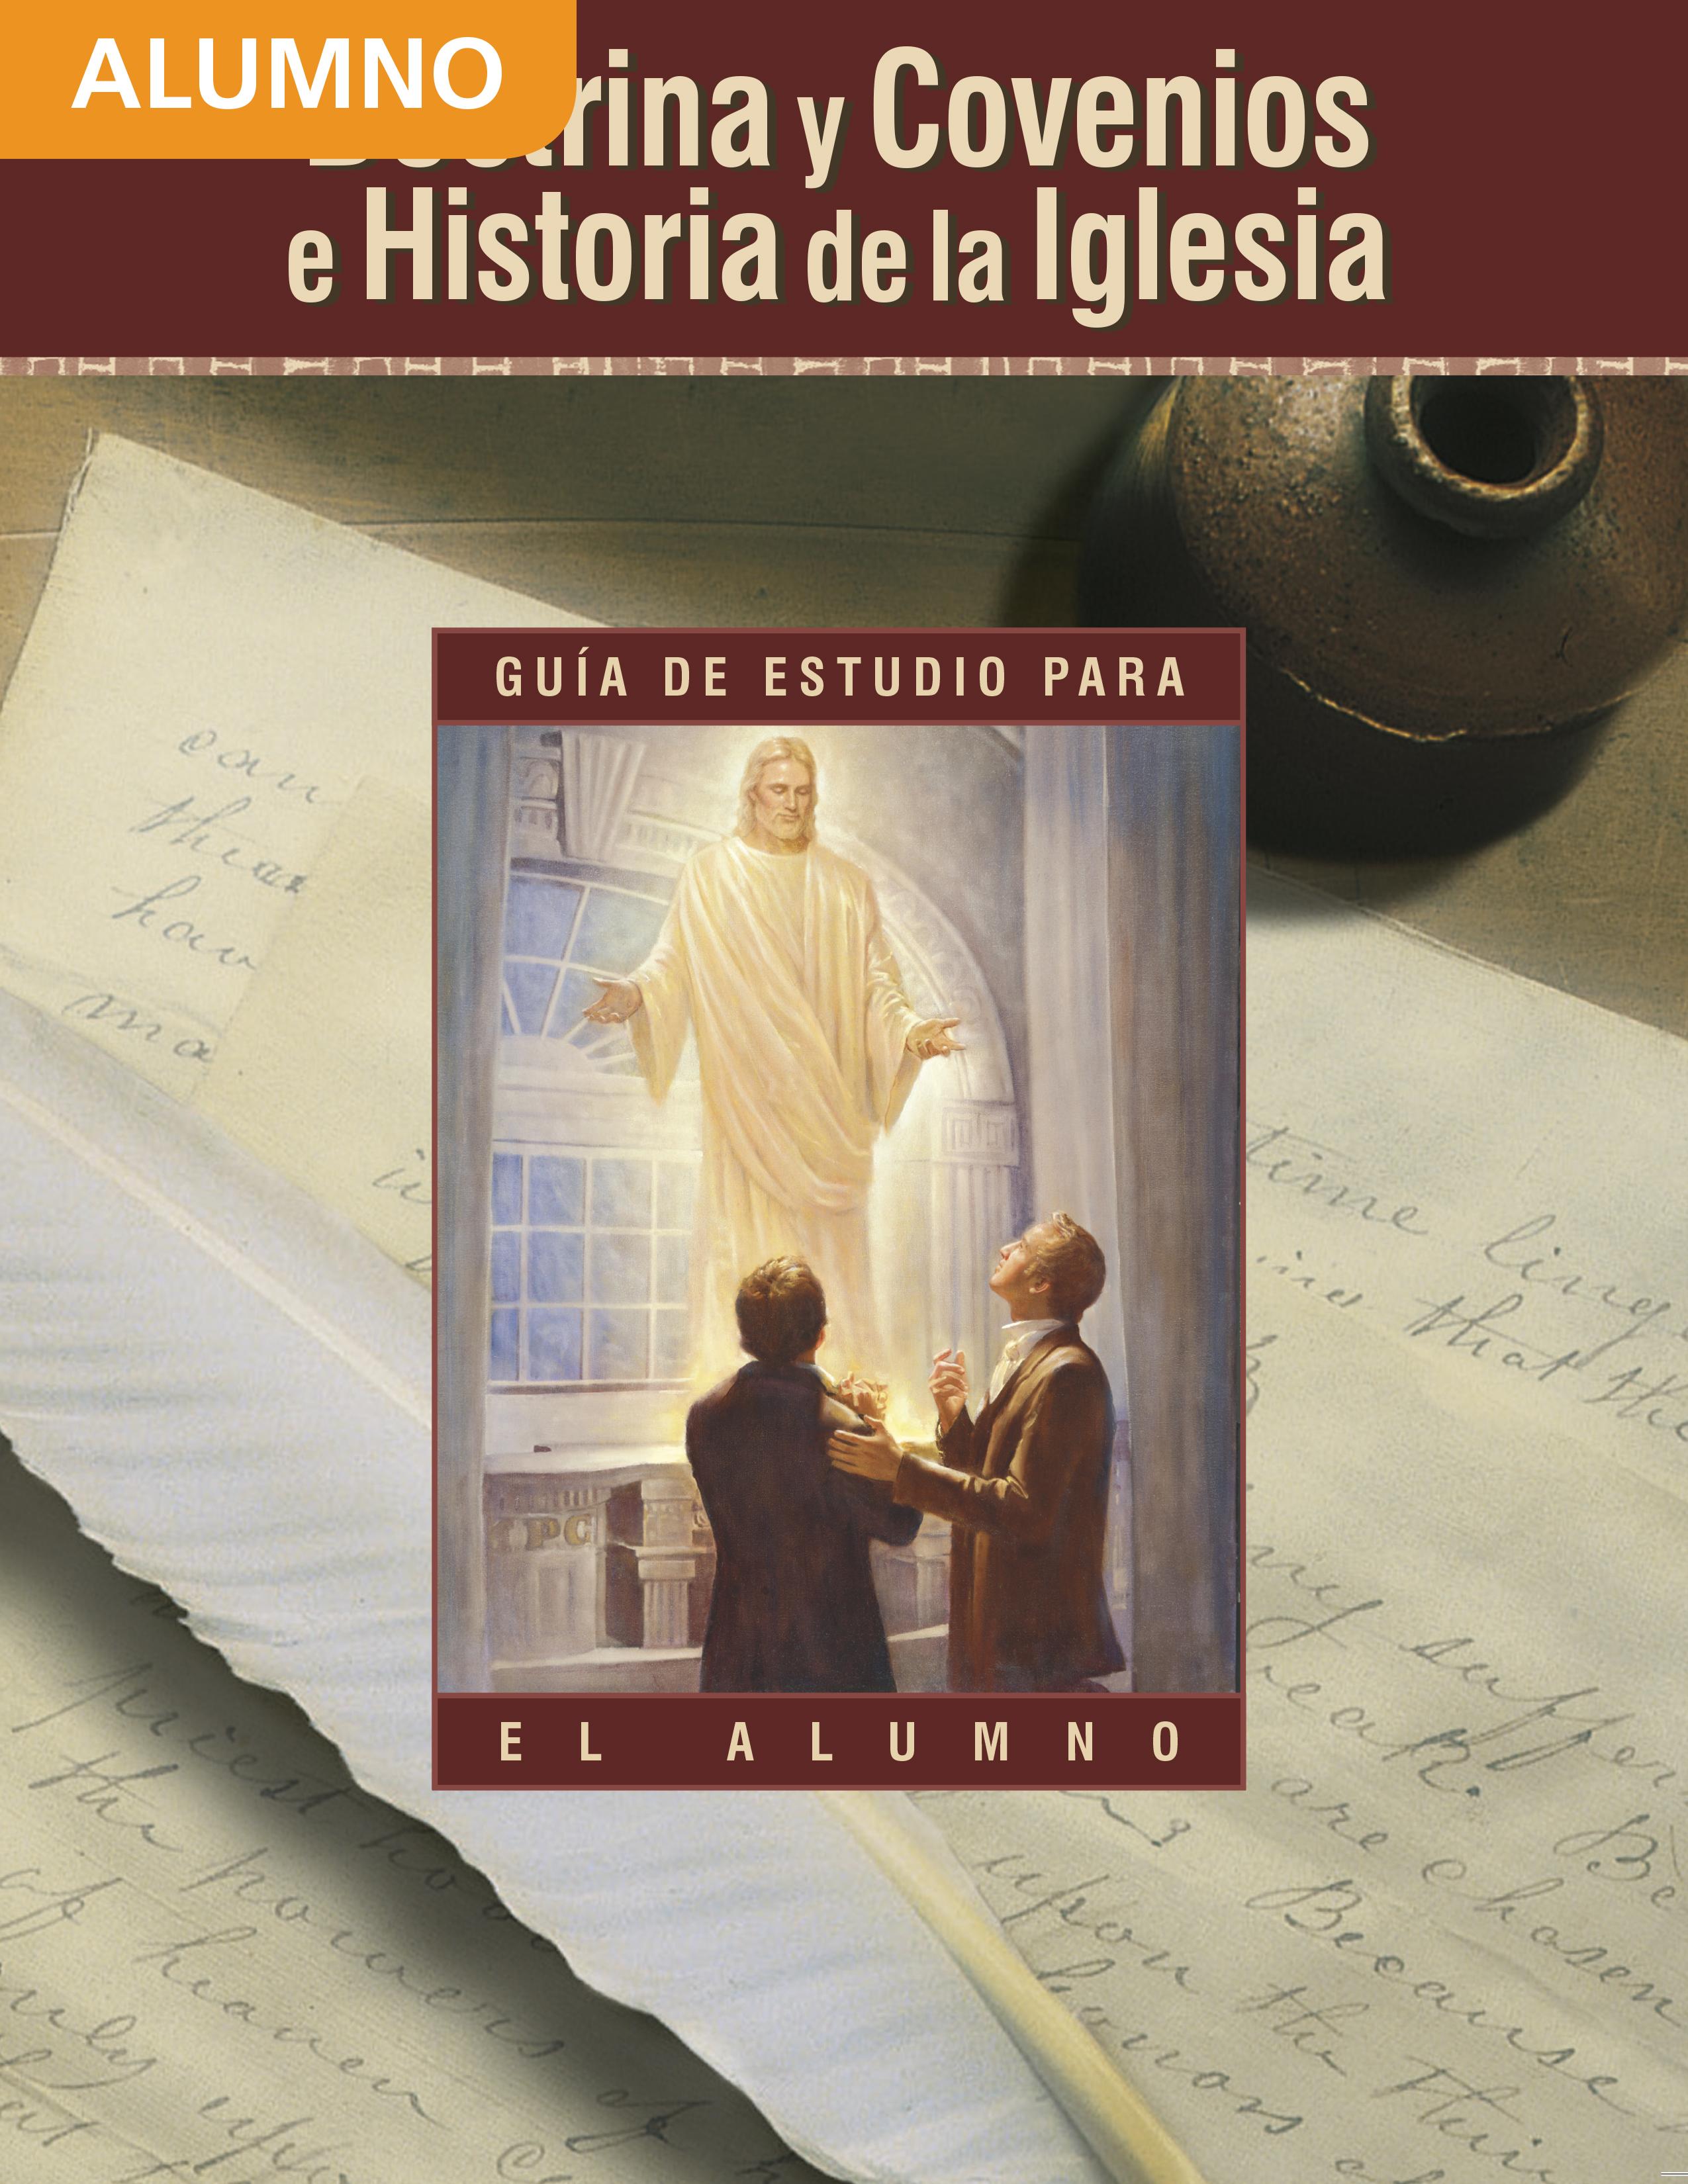 Doctrina y Convenios e Historia de la Iglesia: Guía de estudio para el alumno de Seminario